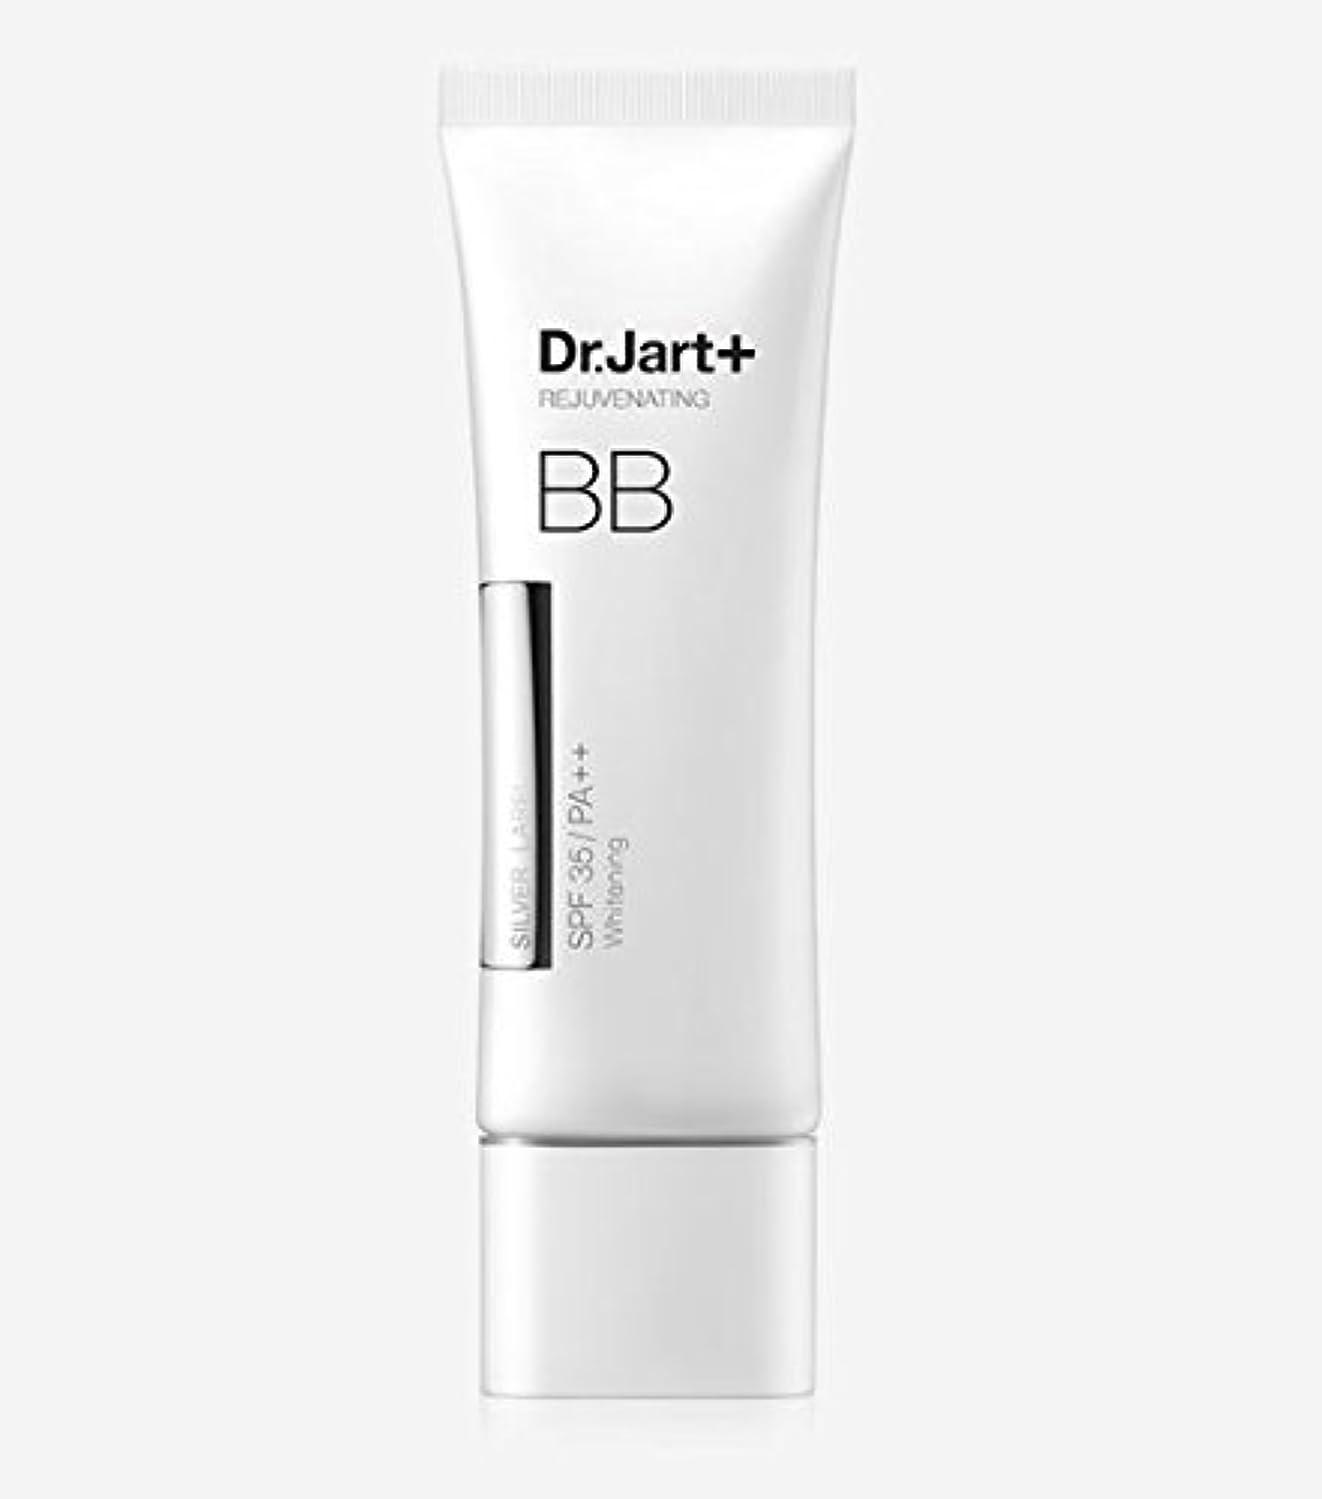 乱用生理マイクロプロセッサ[Dr. Jart] Silver Label BB Rejuvenating Beauty Balm 50ml SPF35 PA++/[ドクタージャルト] シルバーラベル BB リジュビネイティング ビューティー バーム...